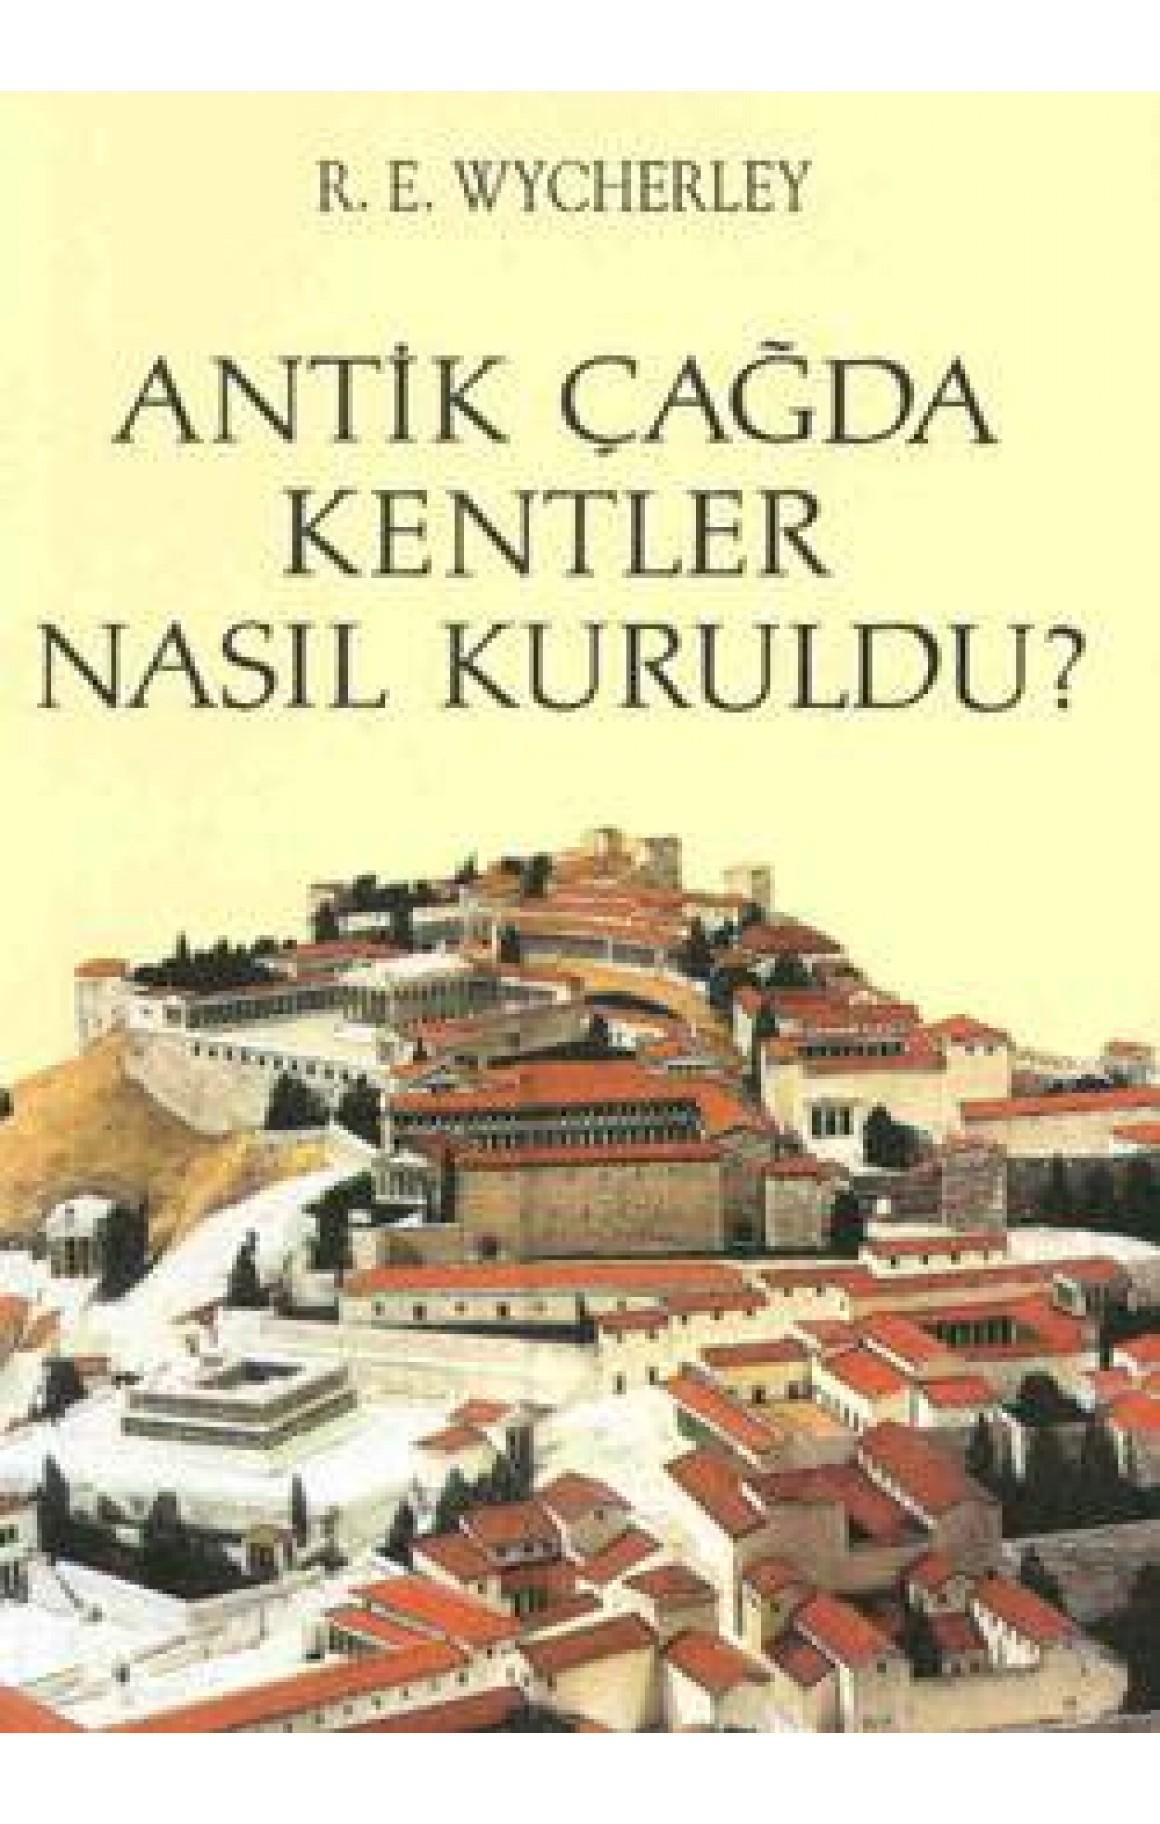 Antik Çağda Kentler Nasıl Kuruldu?